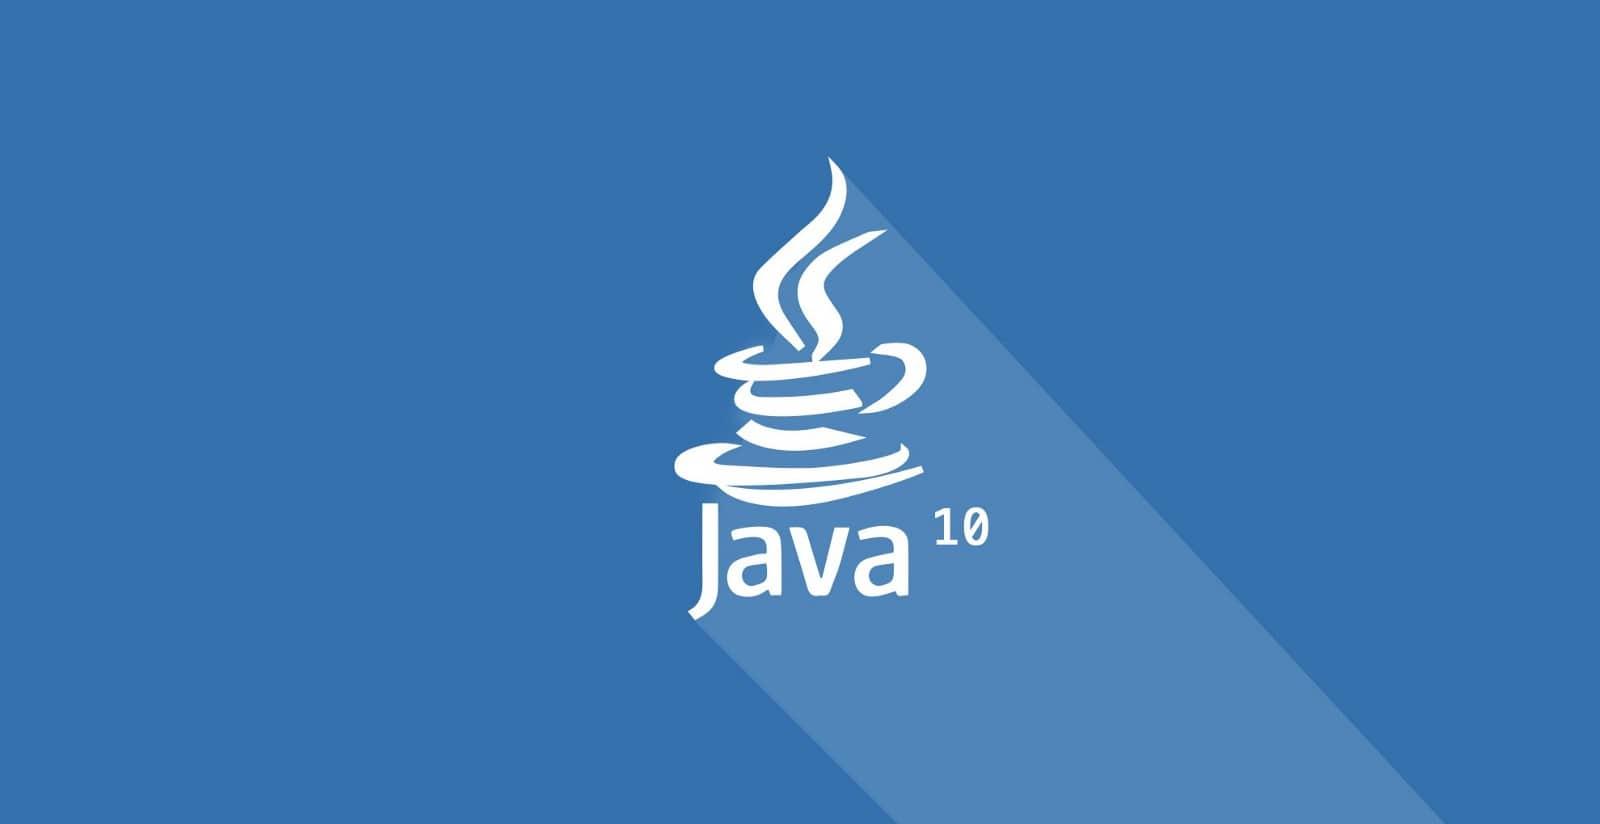 Tài liệu lập trình Java bằng Tiếng Việt